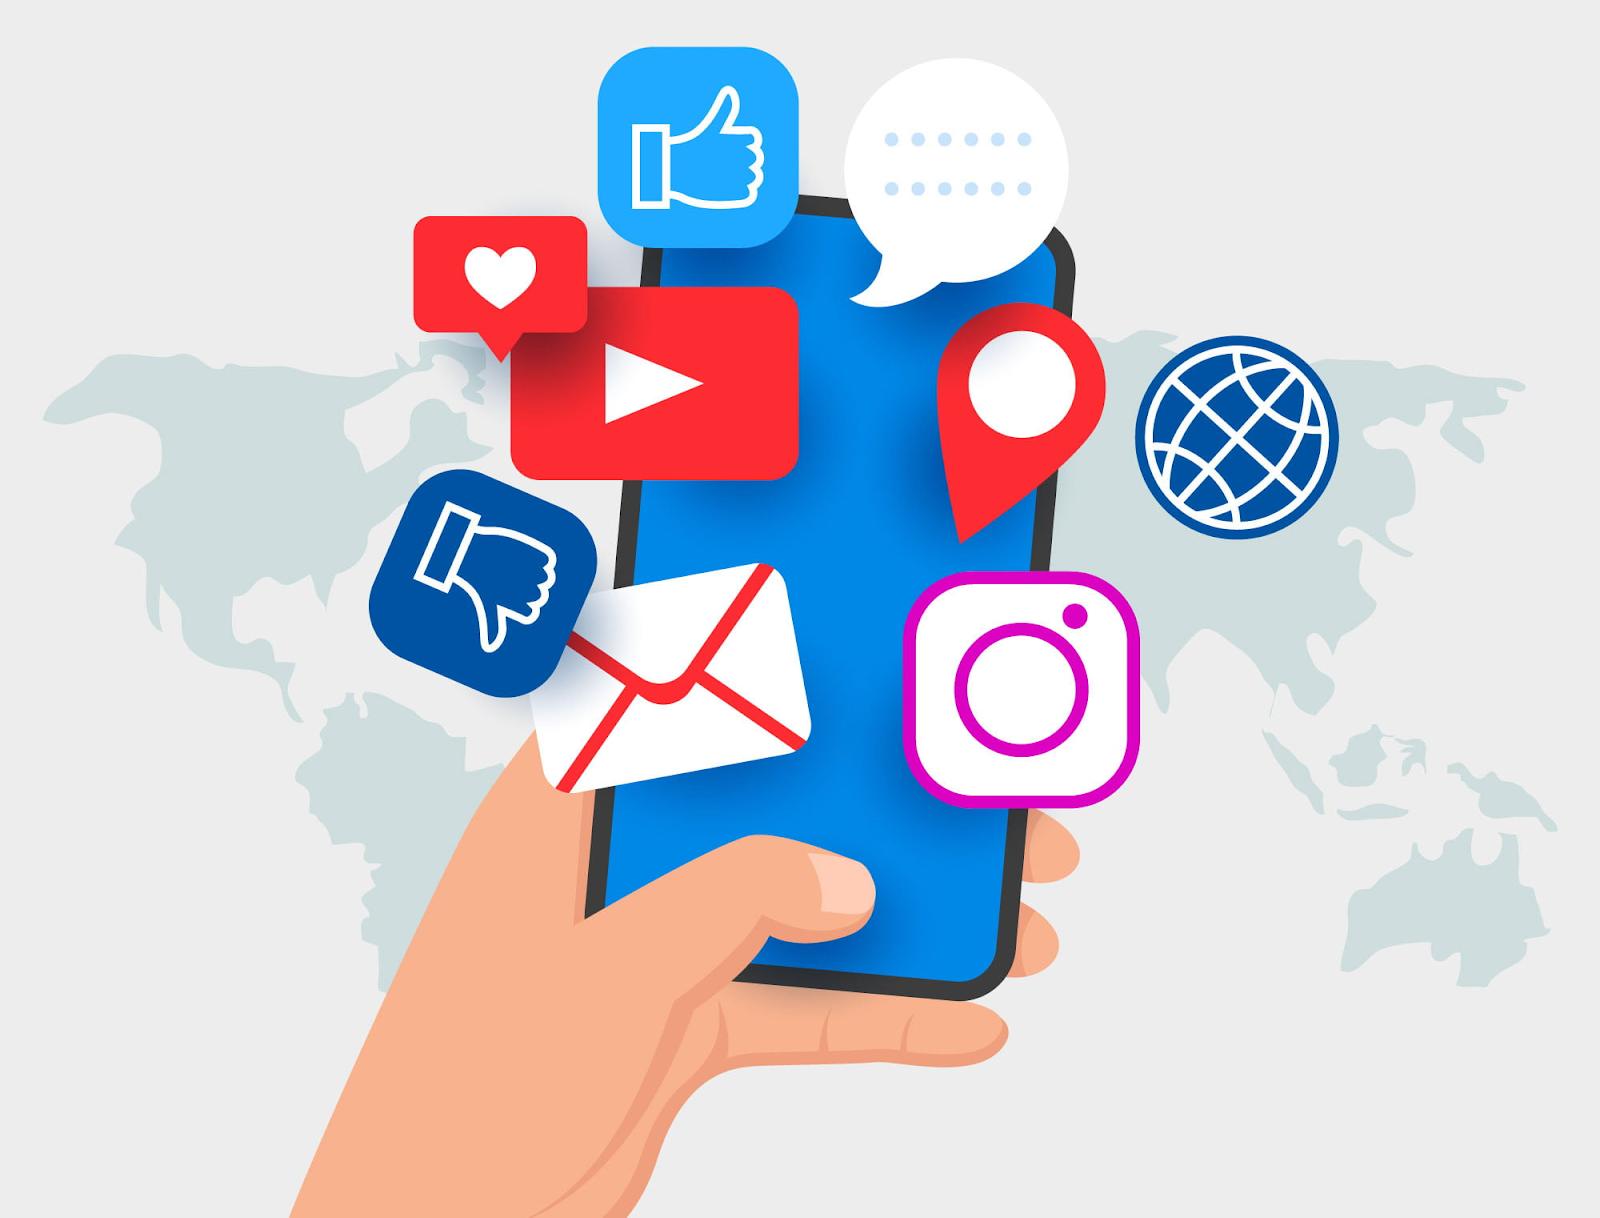 Hiện nay, kênh social không chỉ có một mà là cực kì nhiều, vậy vì sao con người không lợi dụng lợi thế này để có khả năng đến gần hơn được với một người sử dụng không những một mà là nhiều lần ở đa dạng các nền tảng khác nhau.